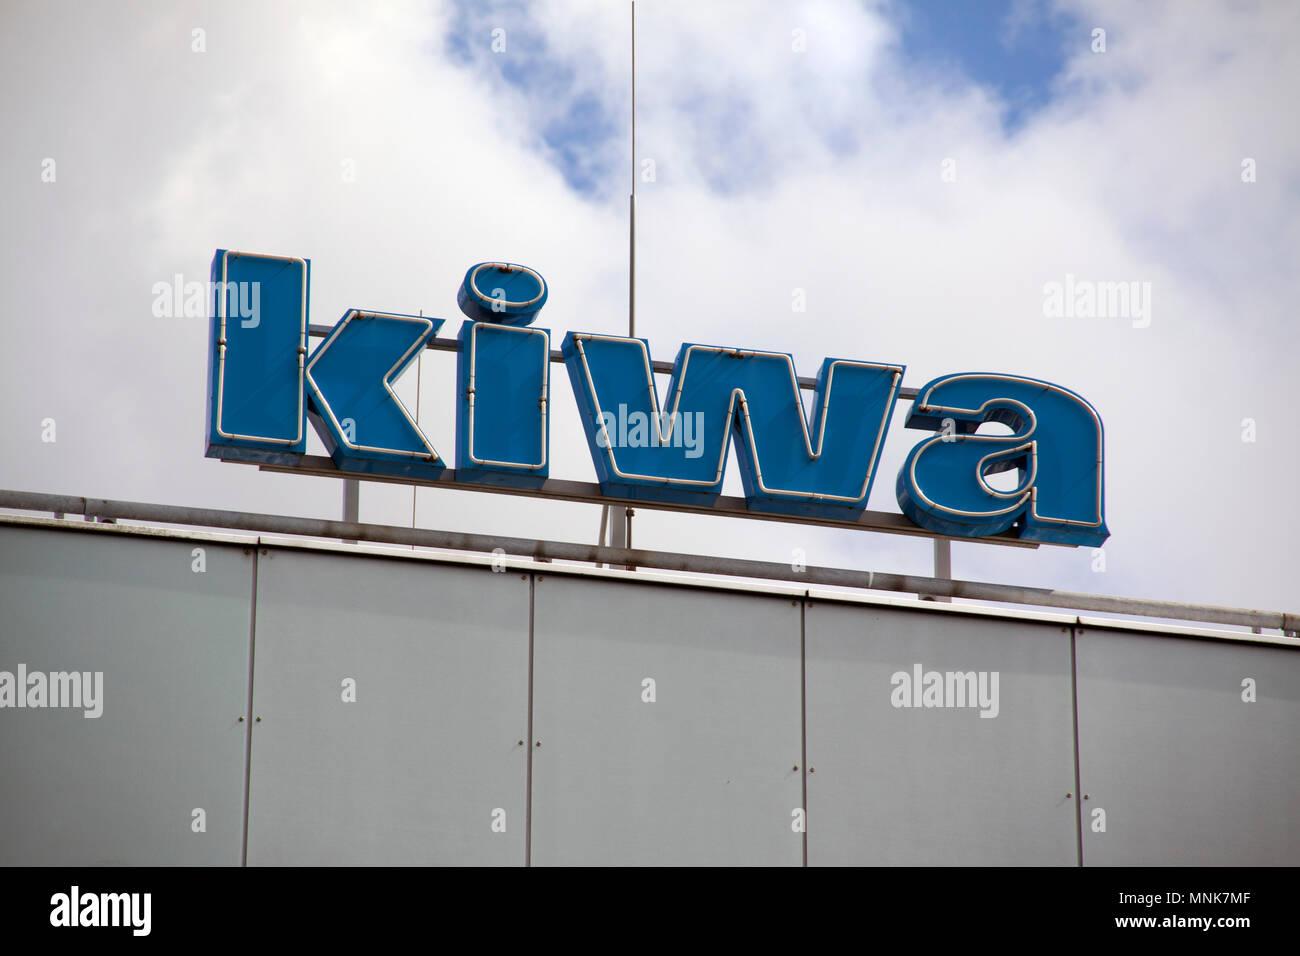 Rijswijk Netherlands August 5 2016 Letters Kiwa On A Building